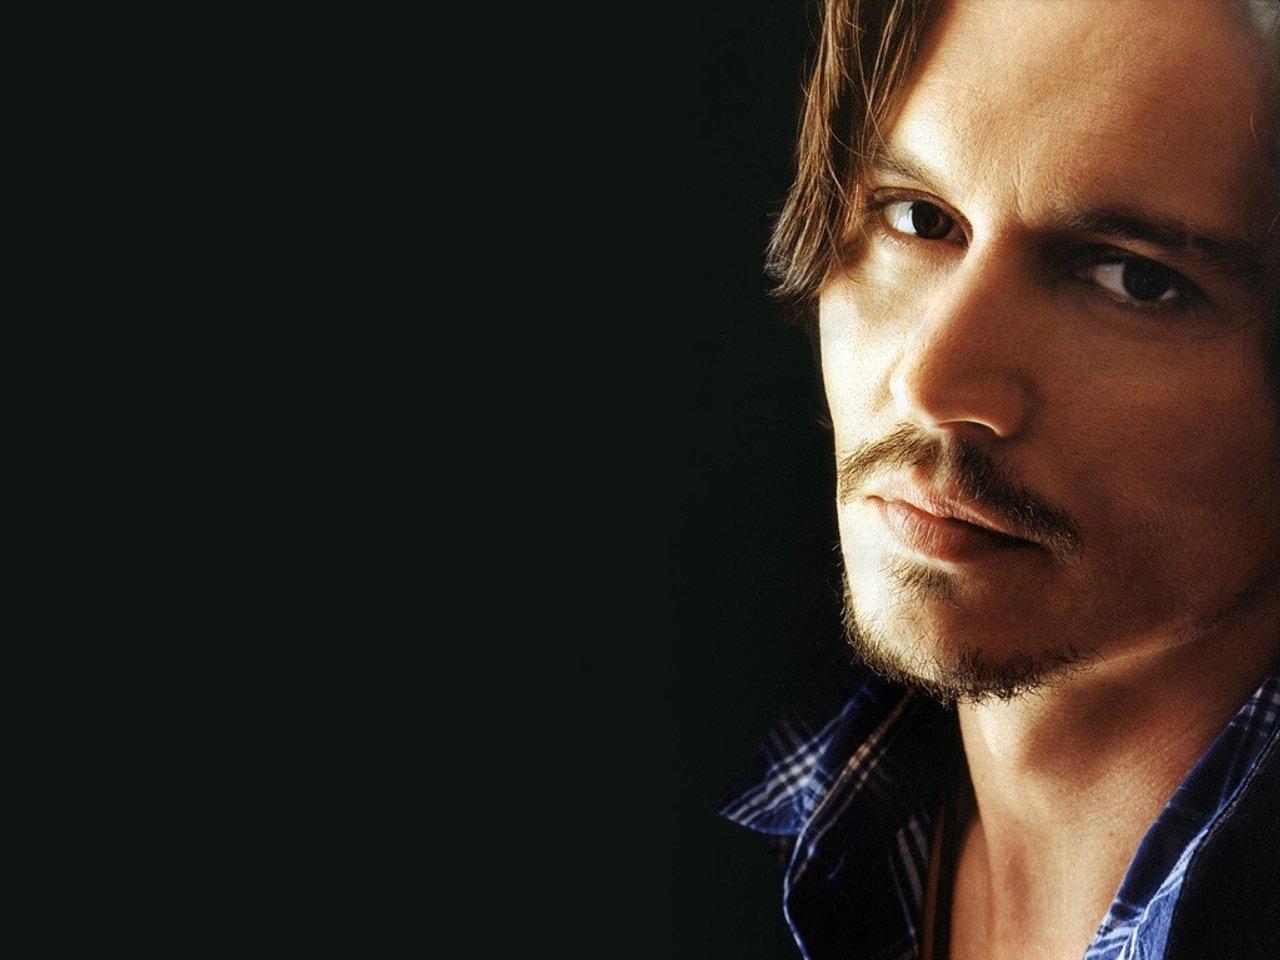 Johnny Depp 40 Desktop Background